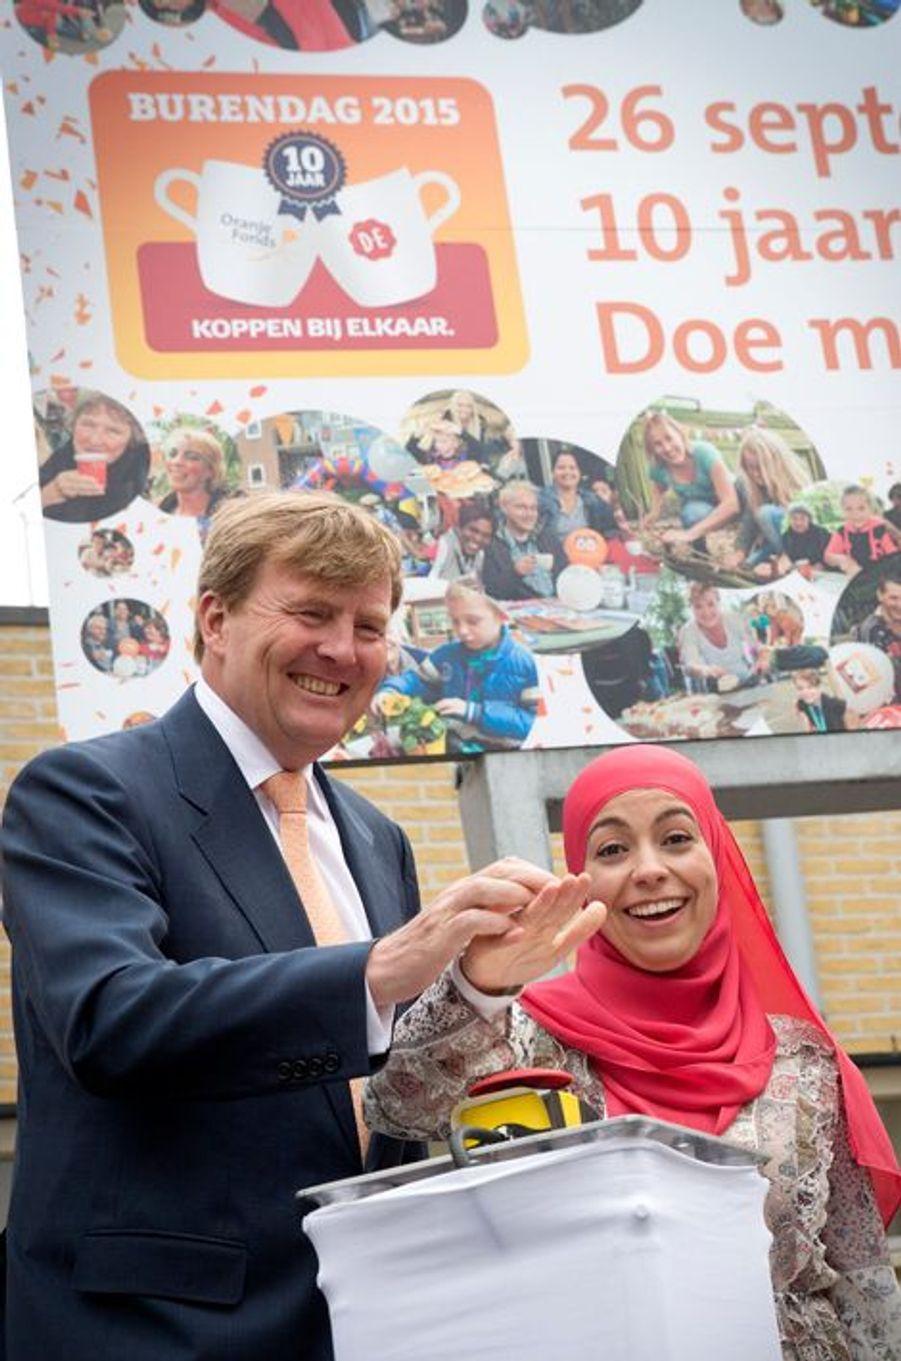 Le roi Willem-Alexander des Pays-Bas lance la 10e édition du Burendag à Harderwijk, le 19 juin 2015